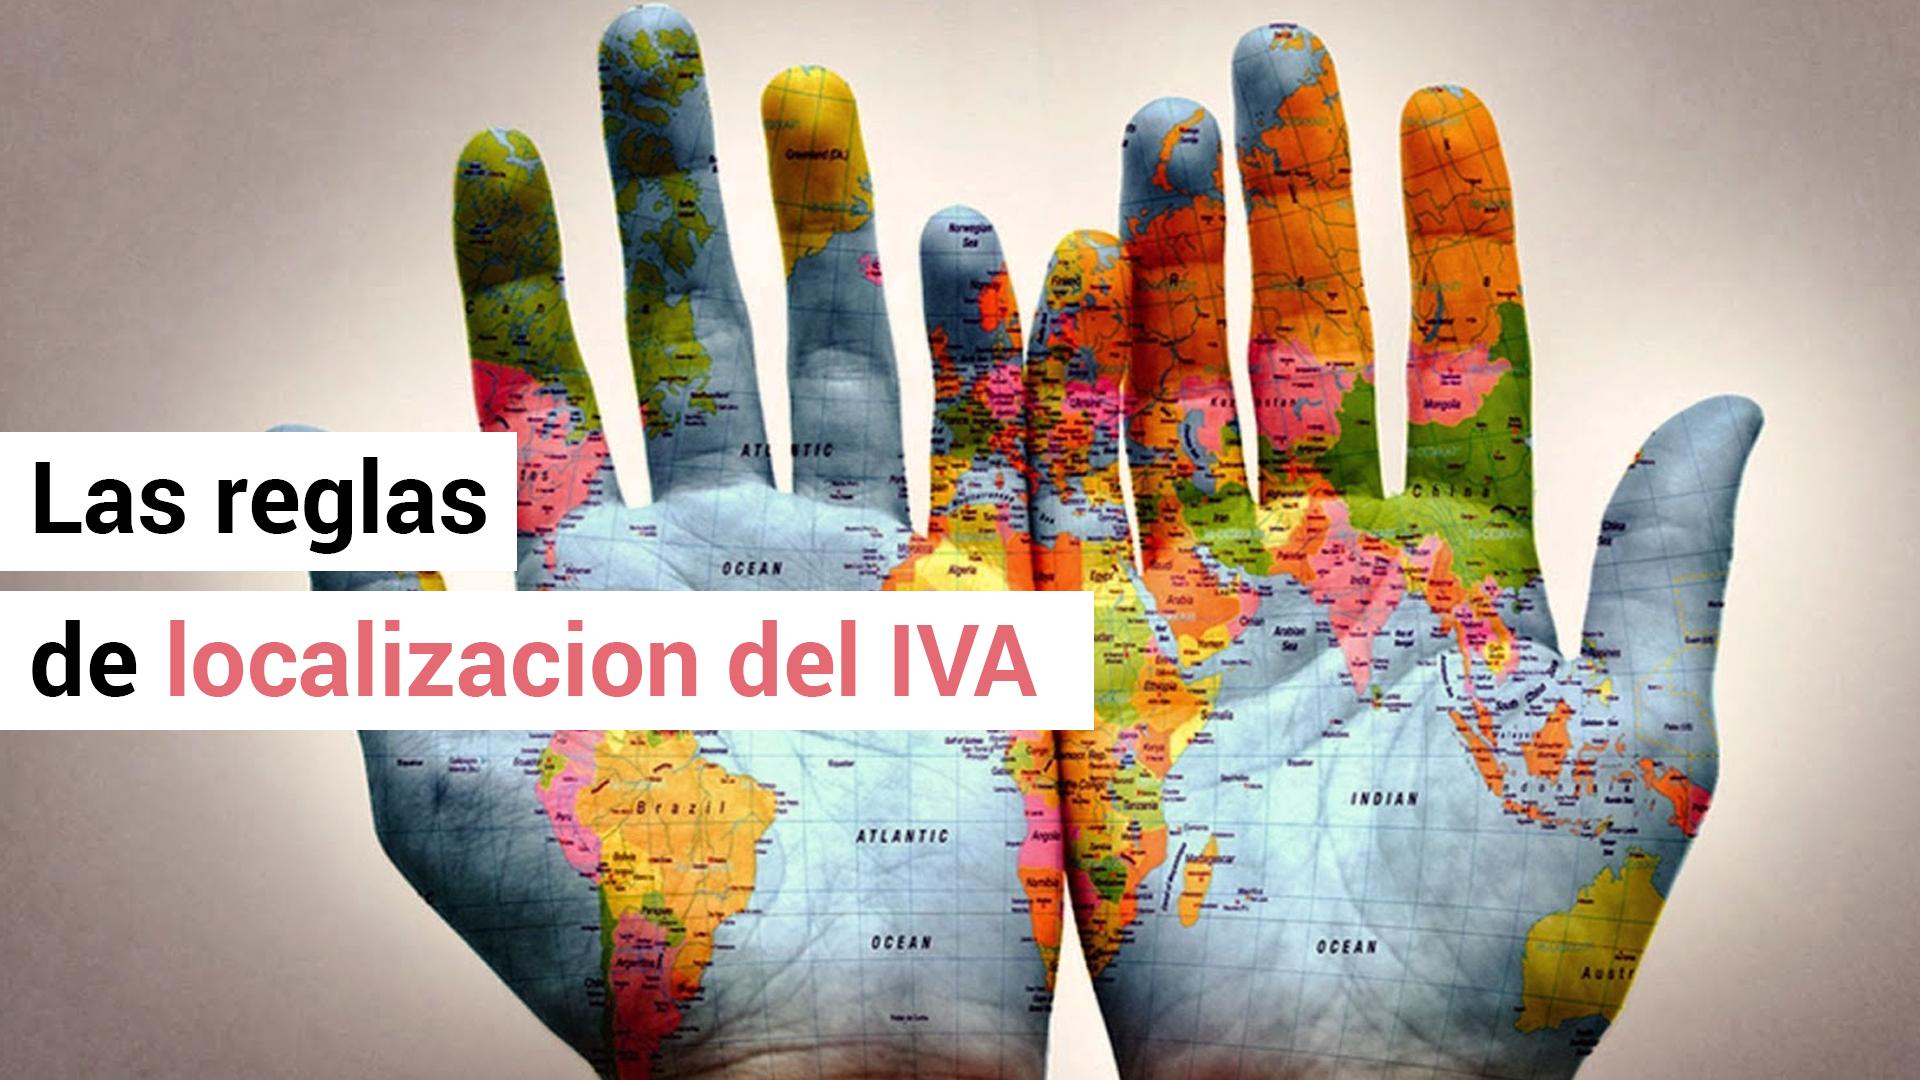 ¿Qué son las reglas de localización del IVA?